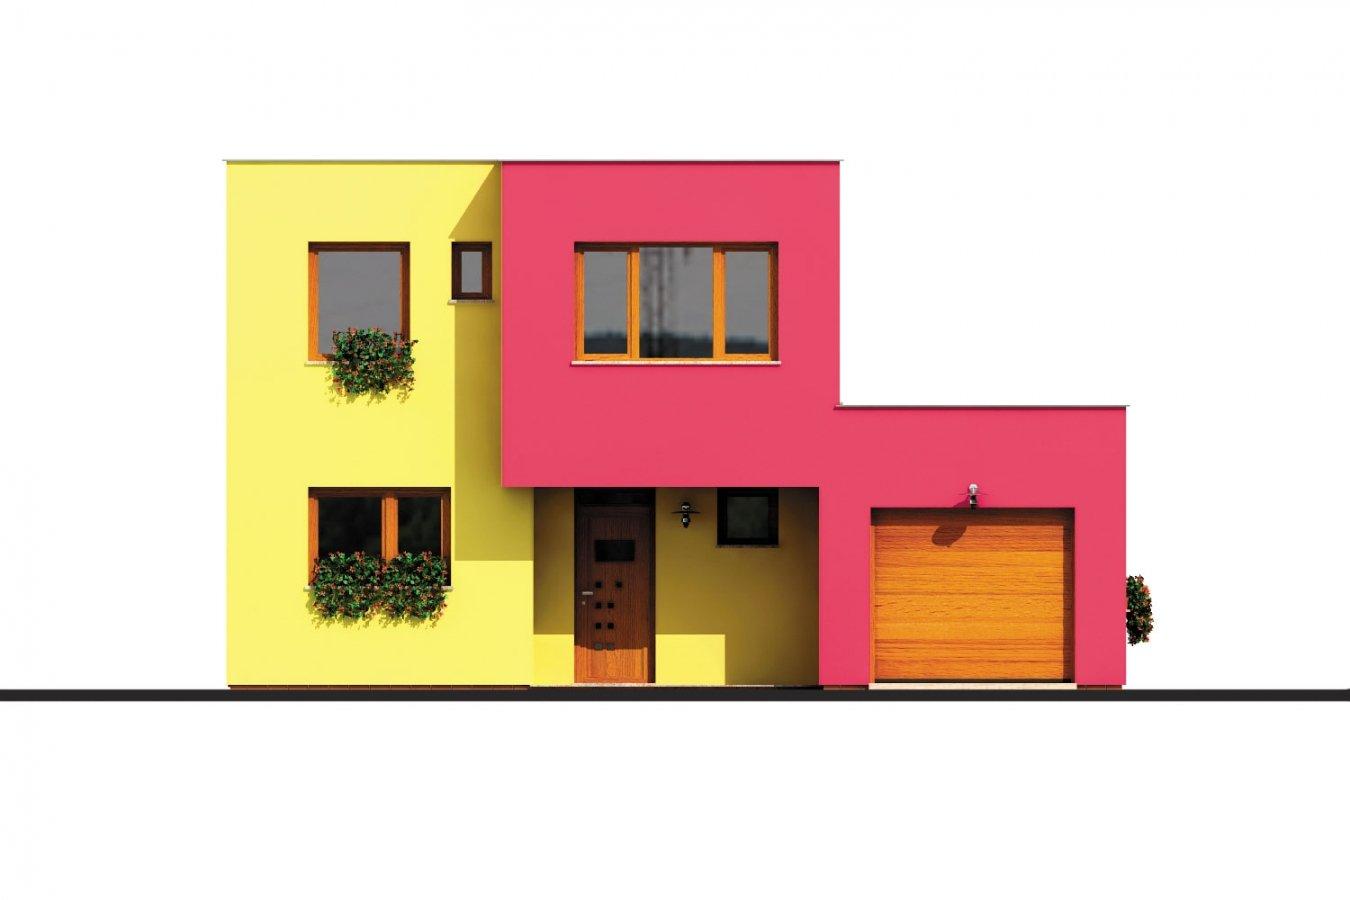 Pohľad 1. - 4-izbový rodinný dom s garážou.